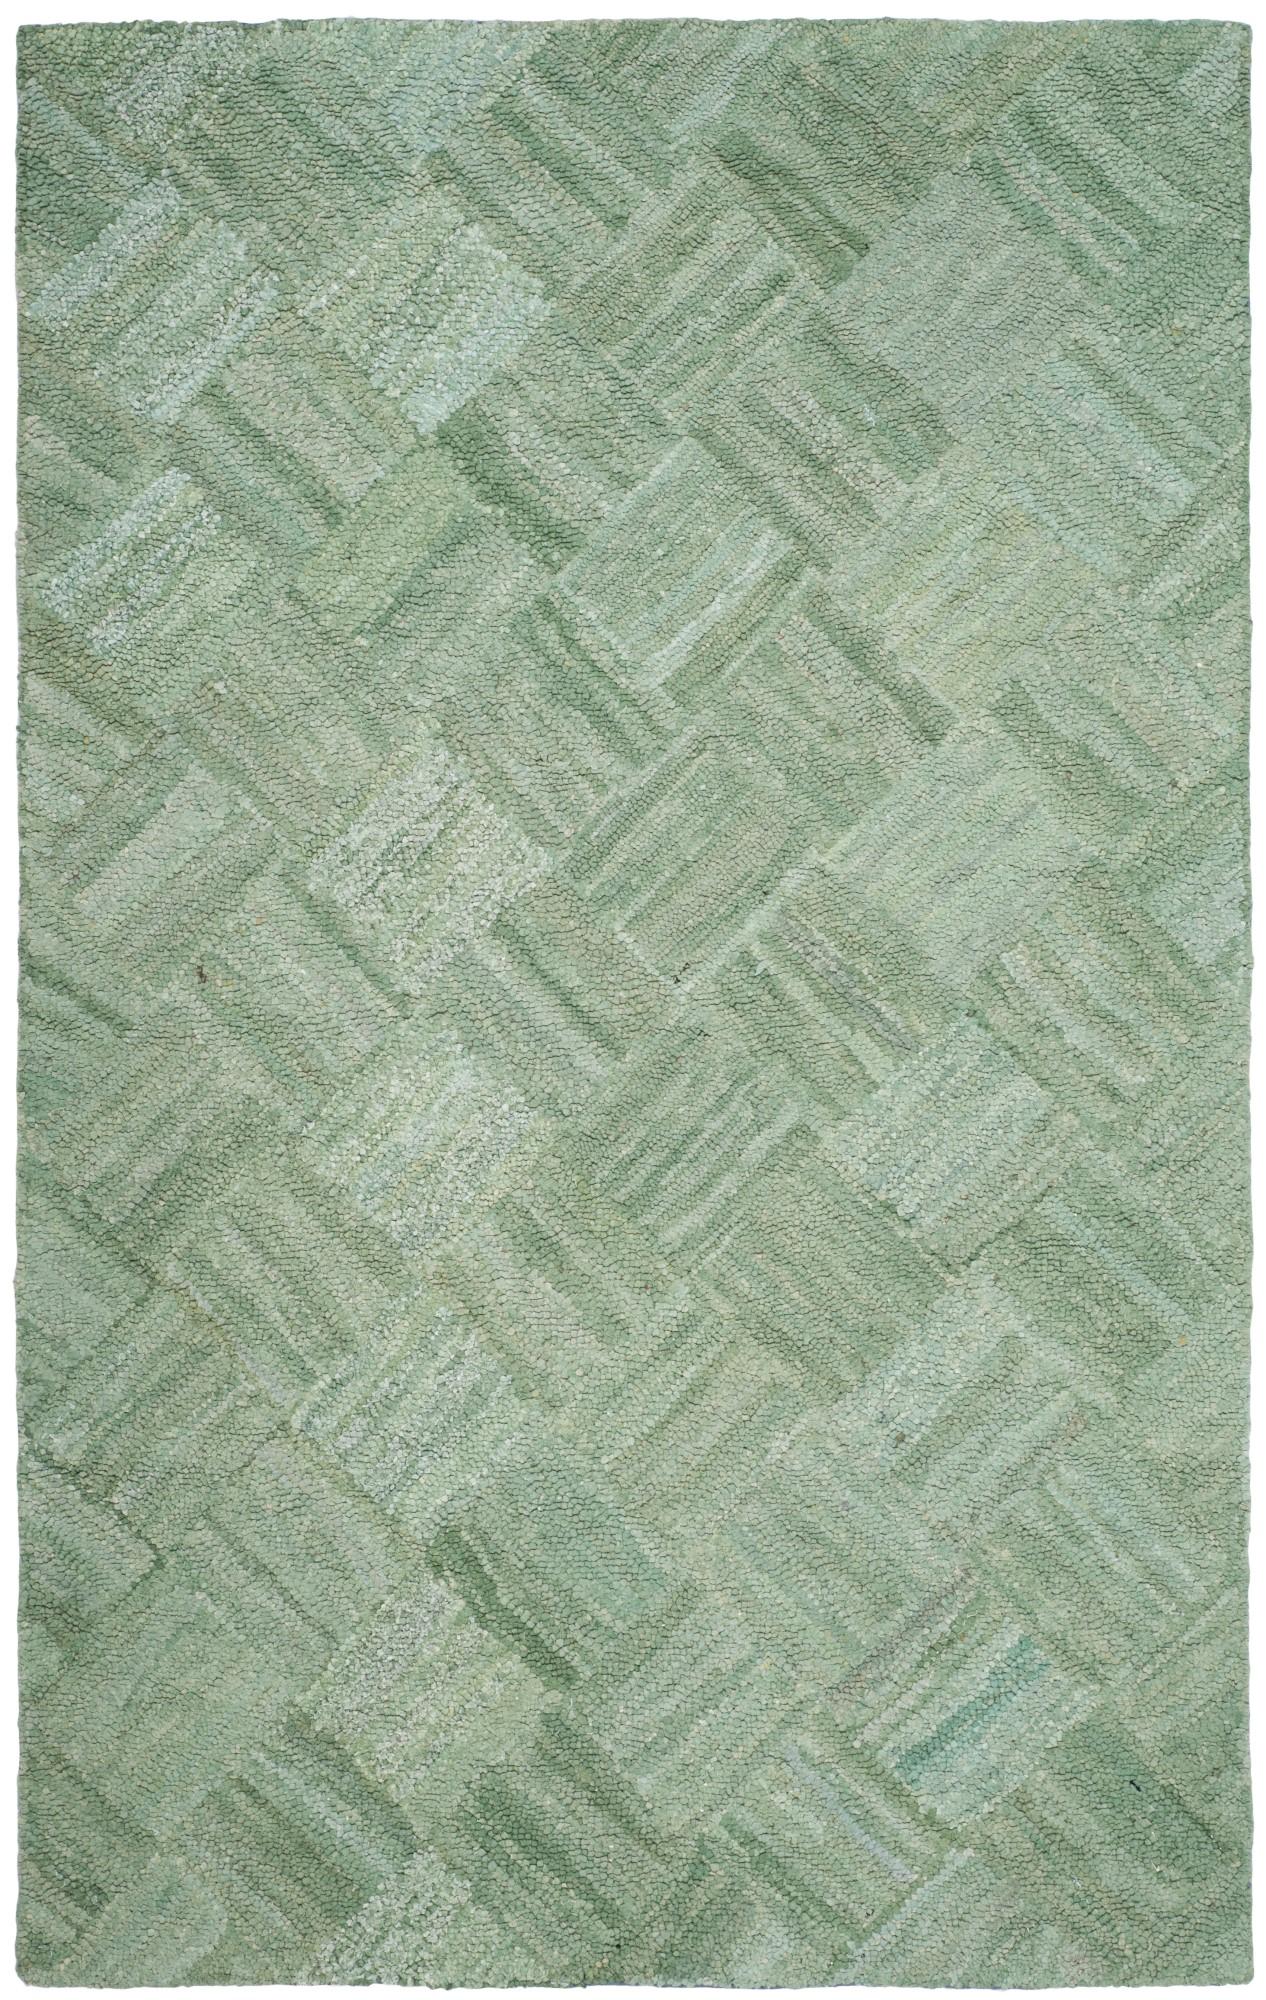 Green Geometric Area Rugs Rugs Direct